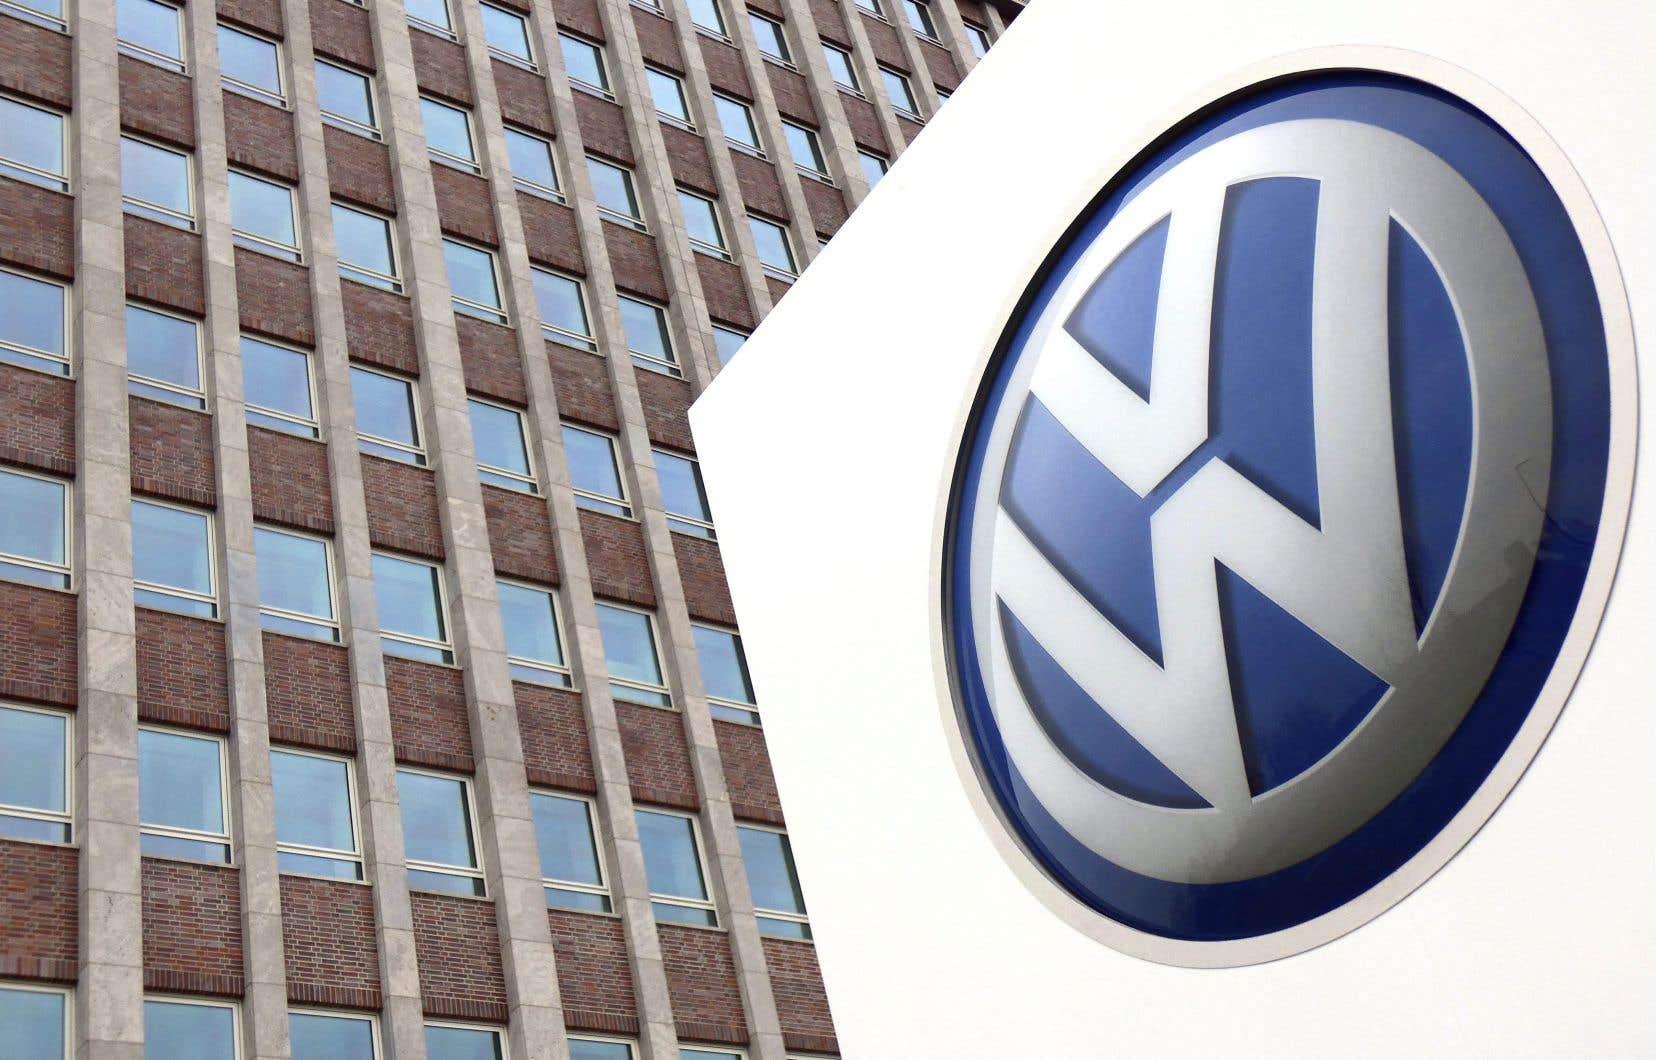 Cette amende s'ajoute aux près de 2,4milliards de dollars canadiens que Volkswagen avait précédemment accepté de payer au Canada pour indemniser les Canadiens ayant acheté des voitures non conformes aux normes canadiennes entre 2009 et 2016.